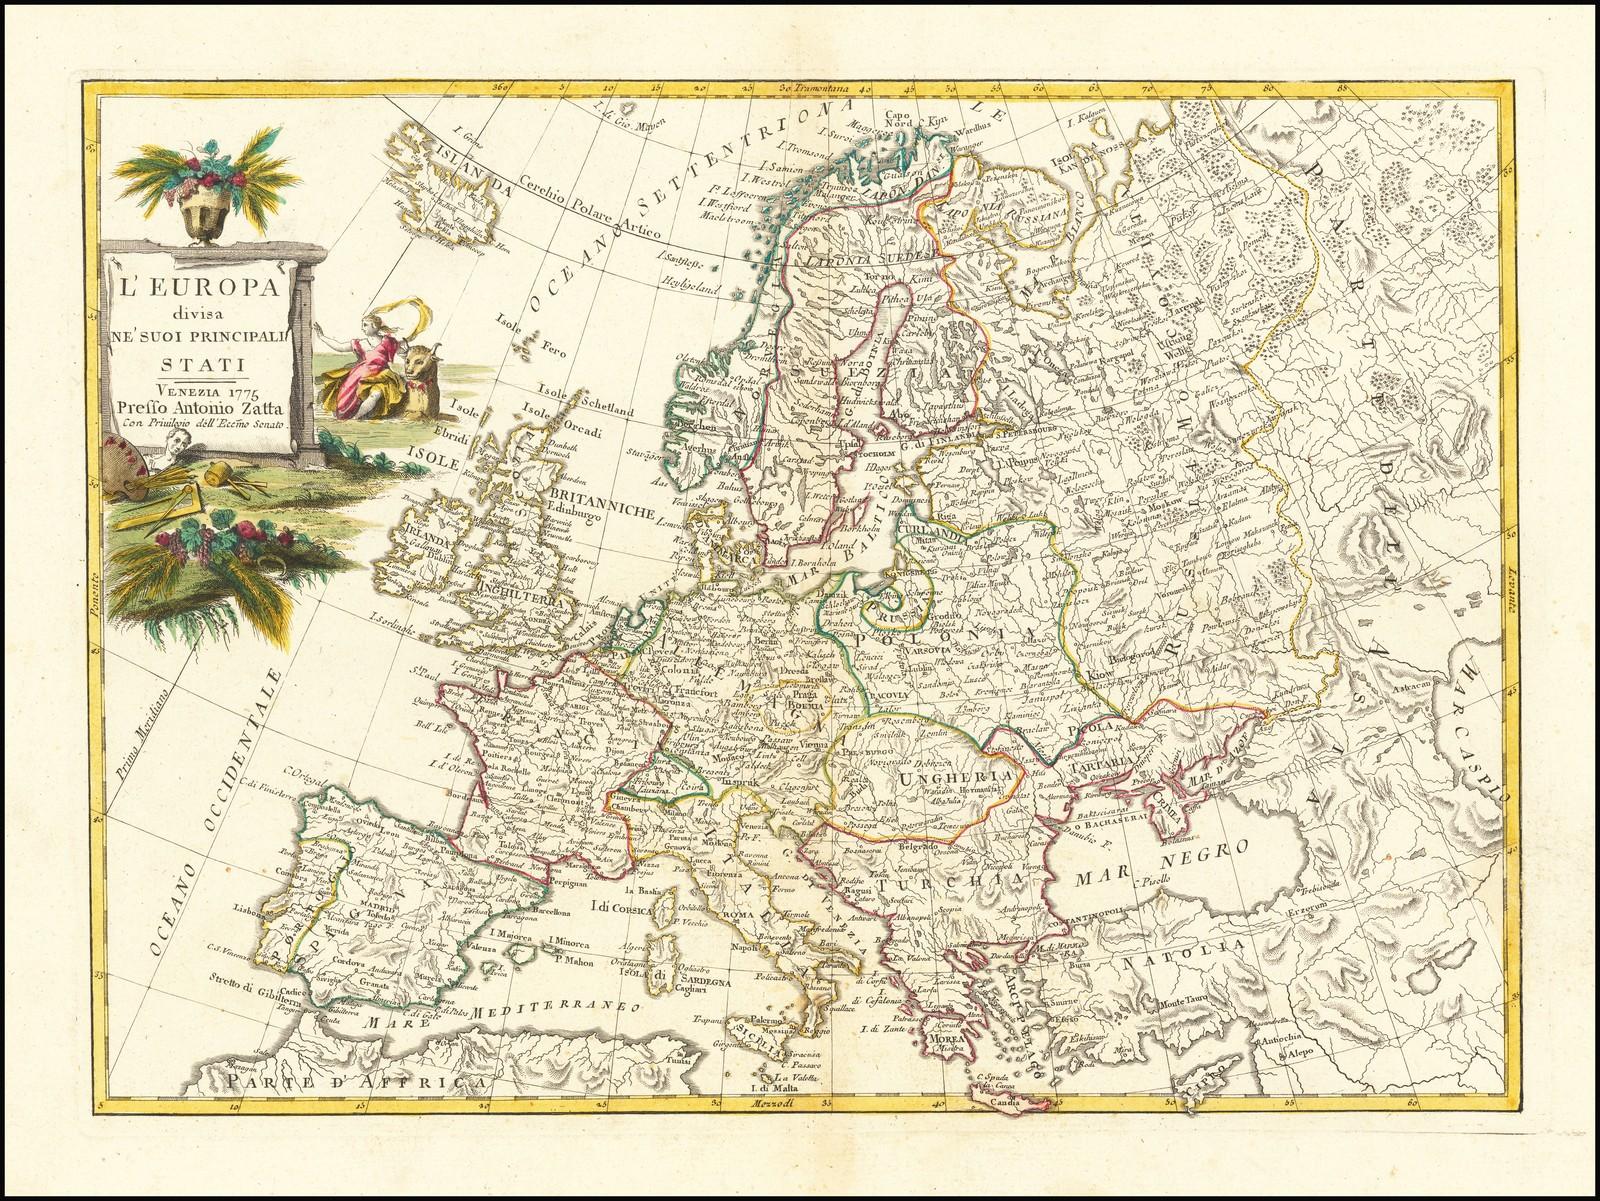 Декоративная карта Европы, изданная в Венеции в 1775 году